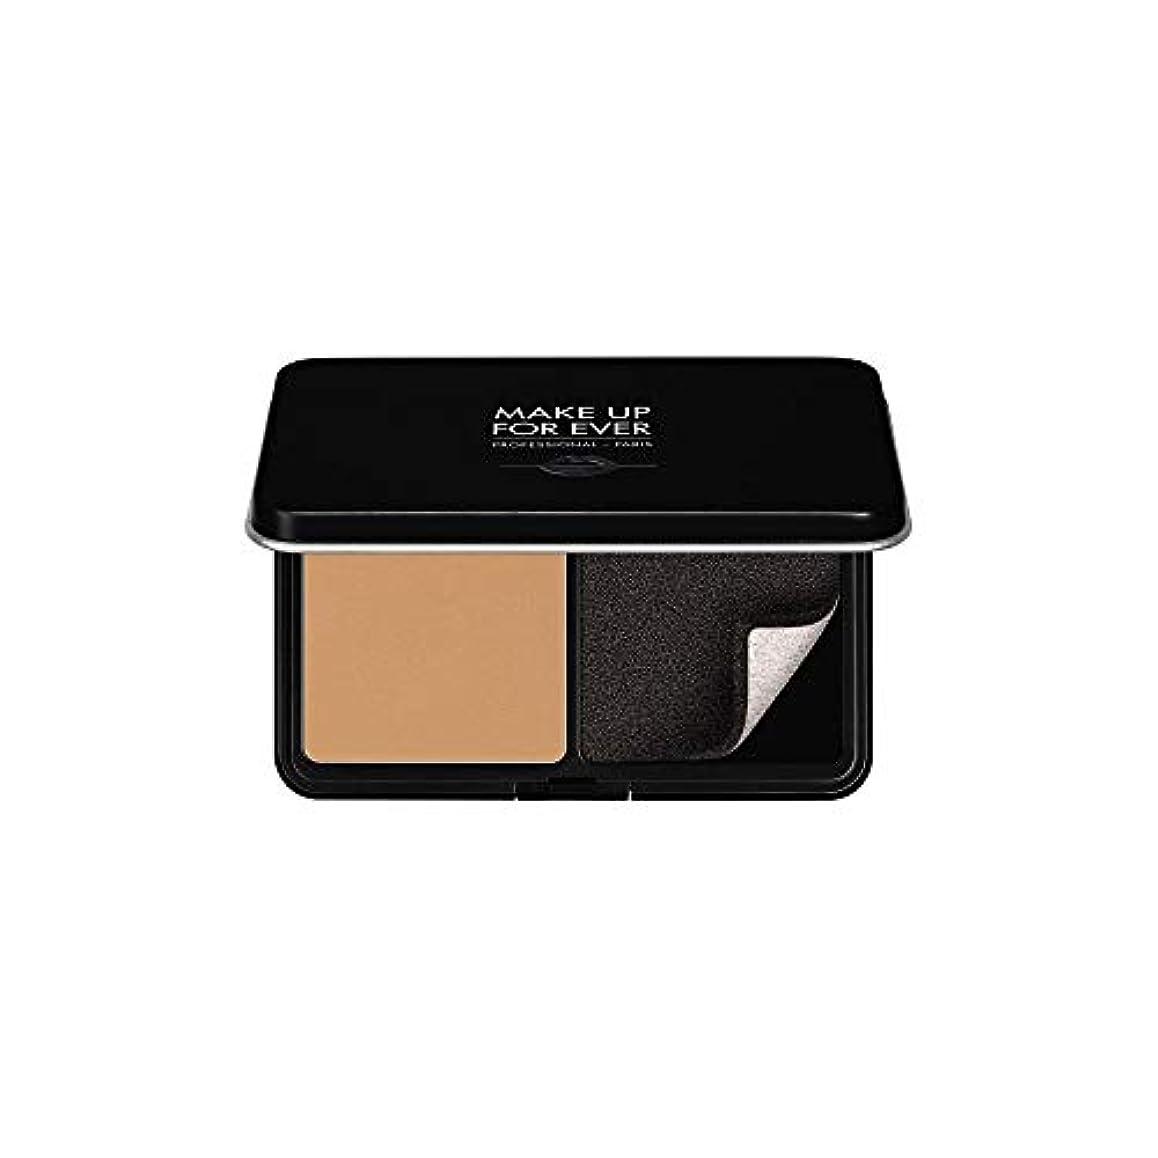 匿名五月津波メイクアップフォーエバー Matte Velvet Skin Blurring Powder Foundation - # Y375 (Golden Sand) 11g/0.38oz並行輸入品